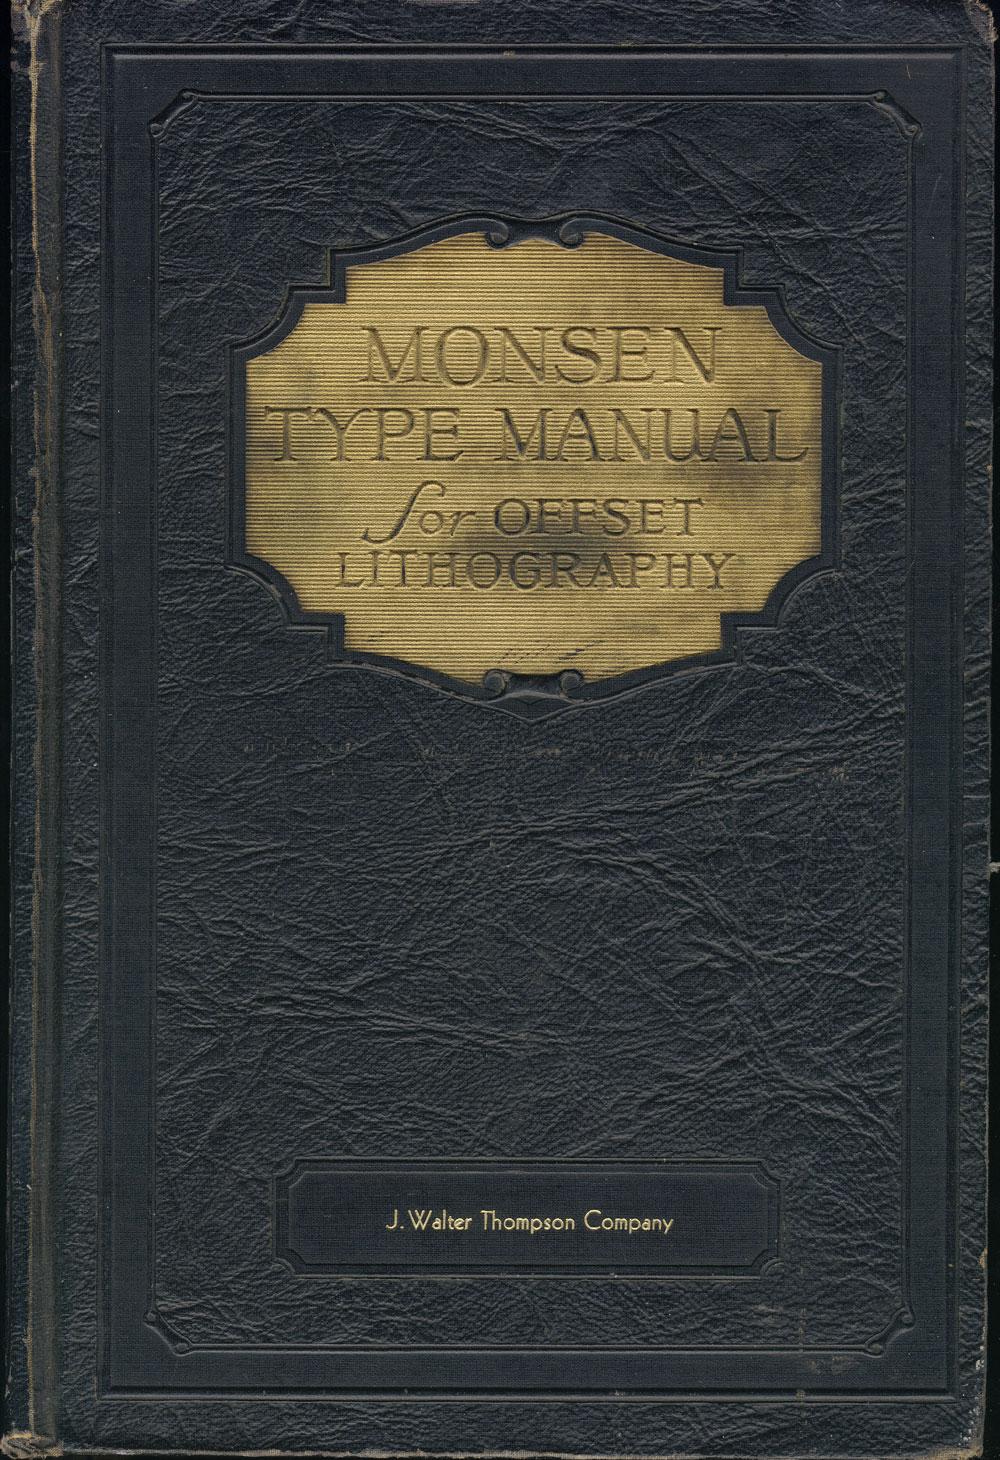 monsen-type-manual-1929